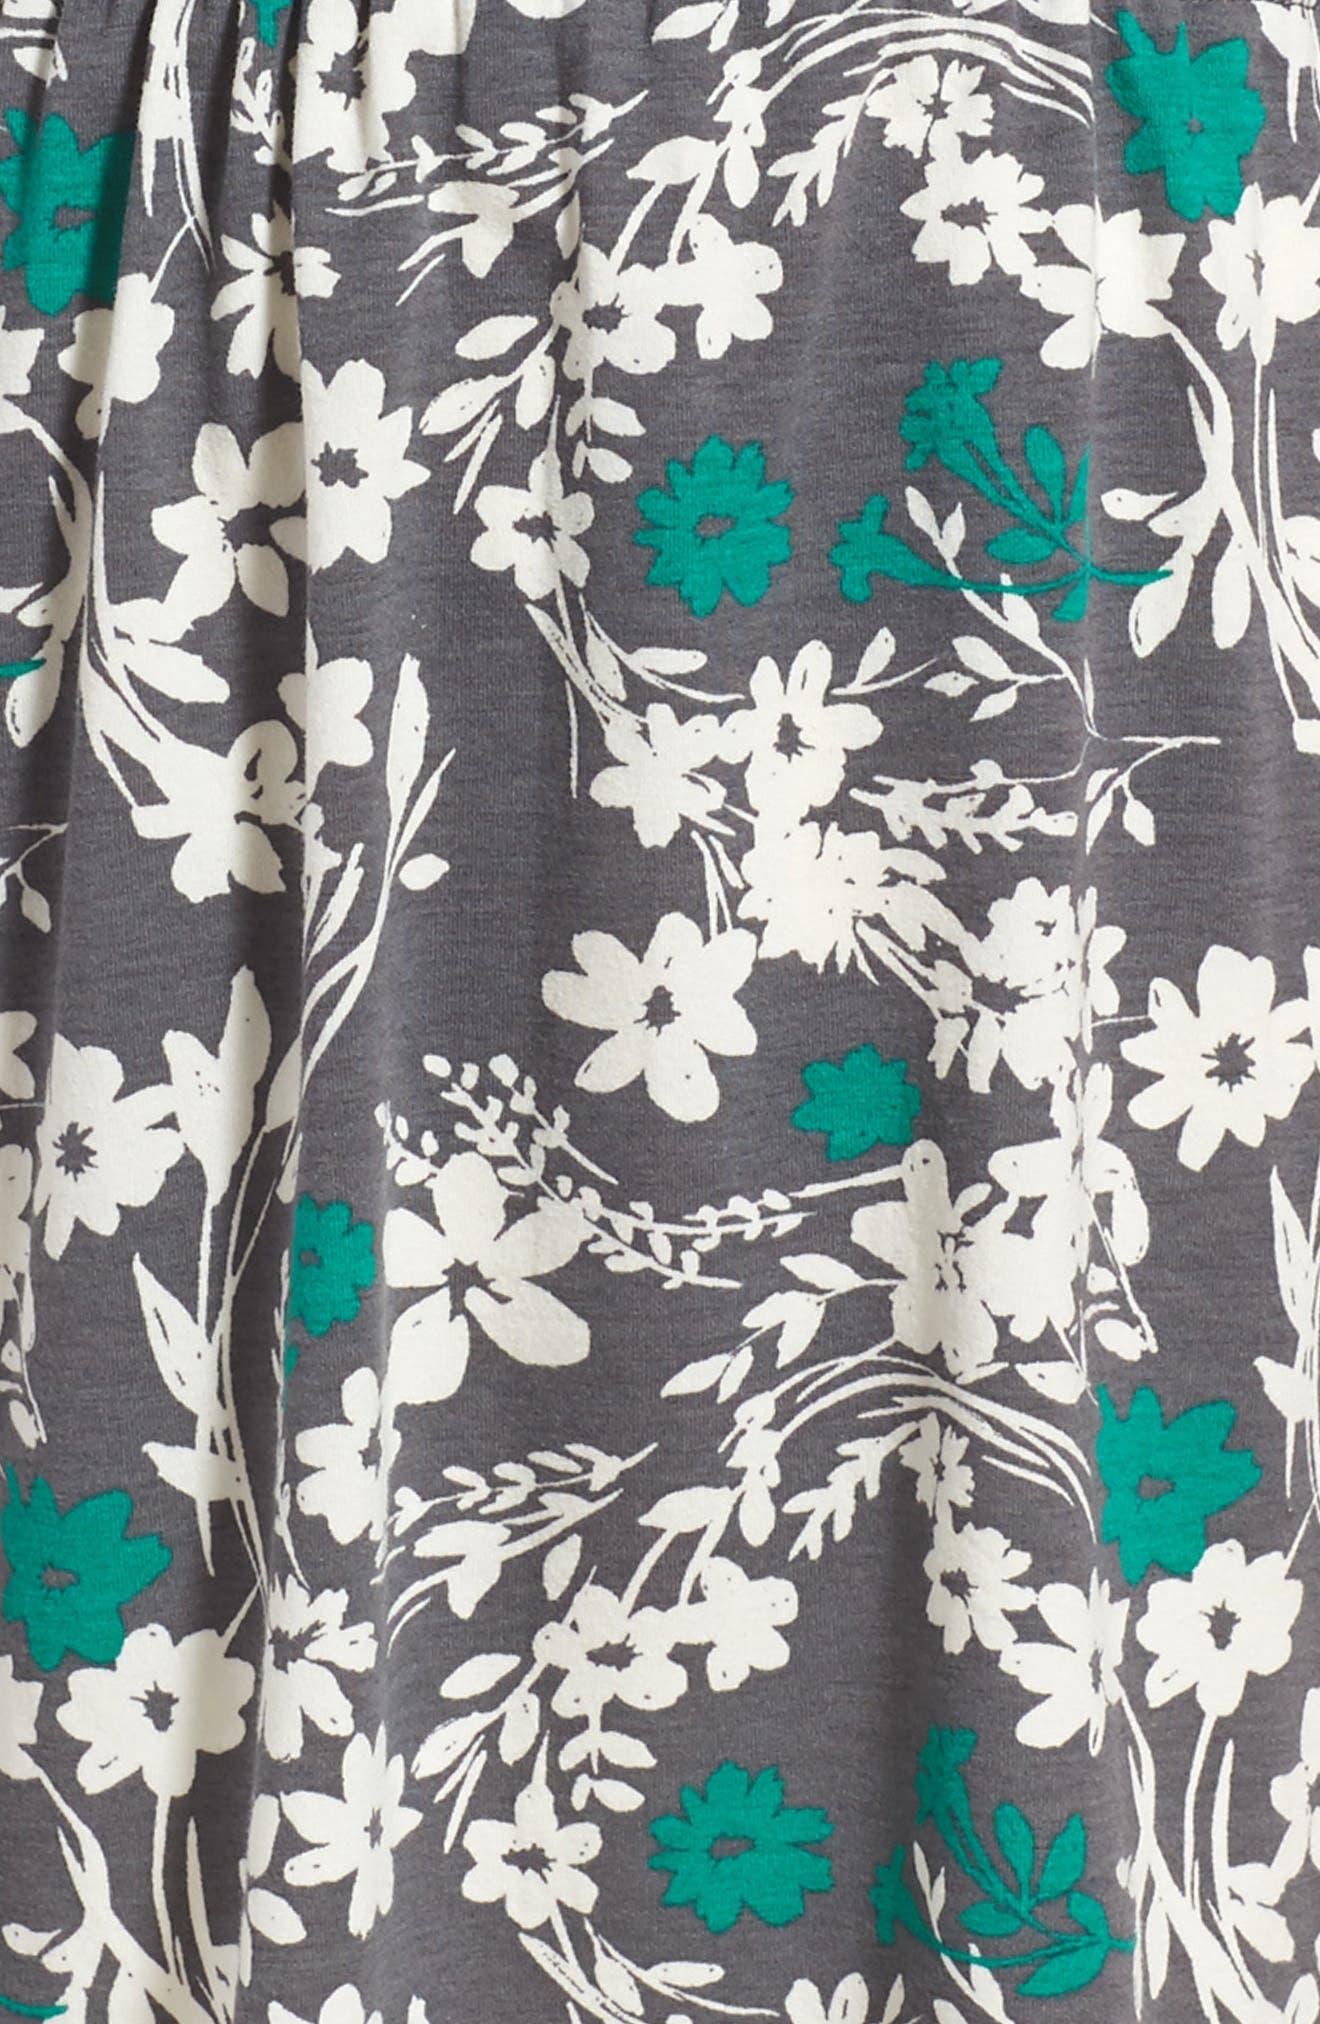 Cold Shoulder Print Dress,                             Alternate thumbnail 4, color,                             Grey Castlerock Shadow Floral